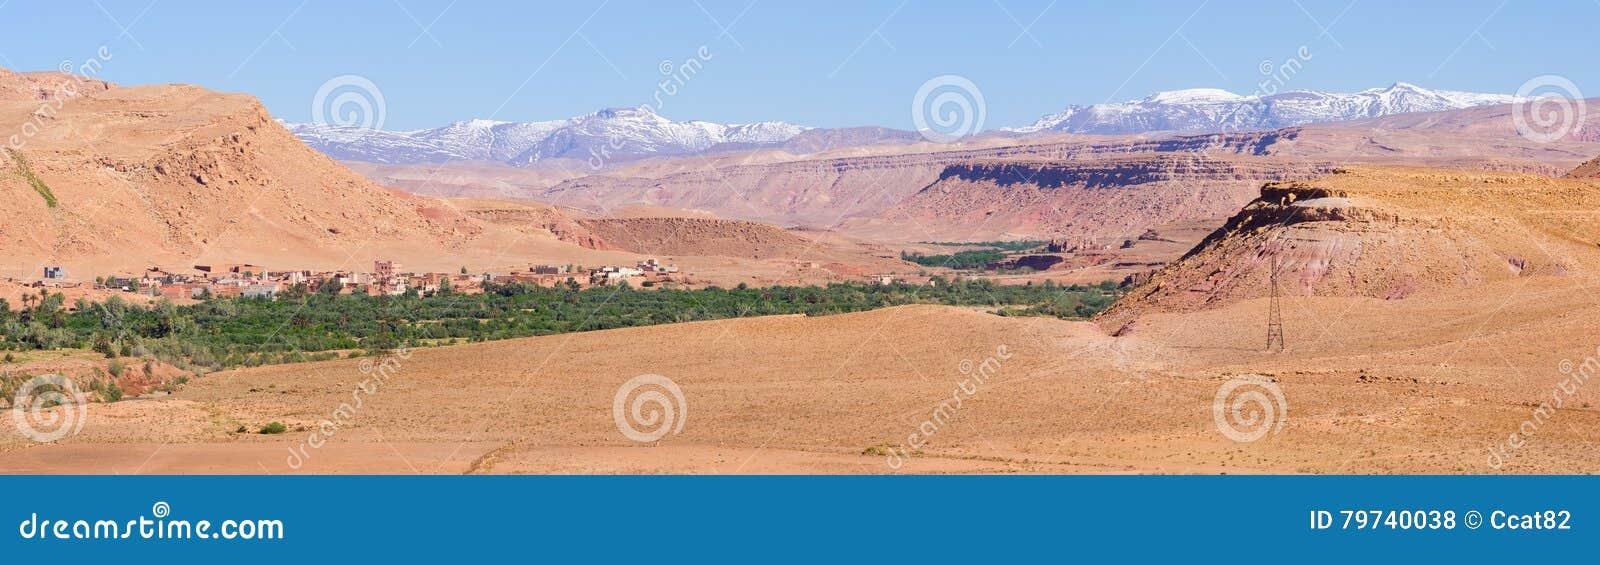 Oasis verde en Marruecos